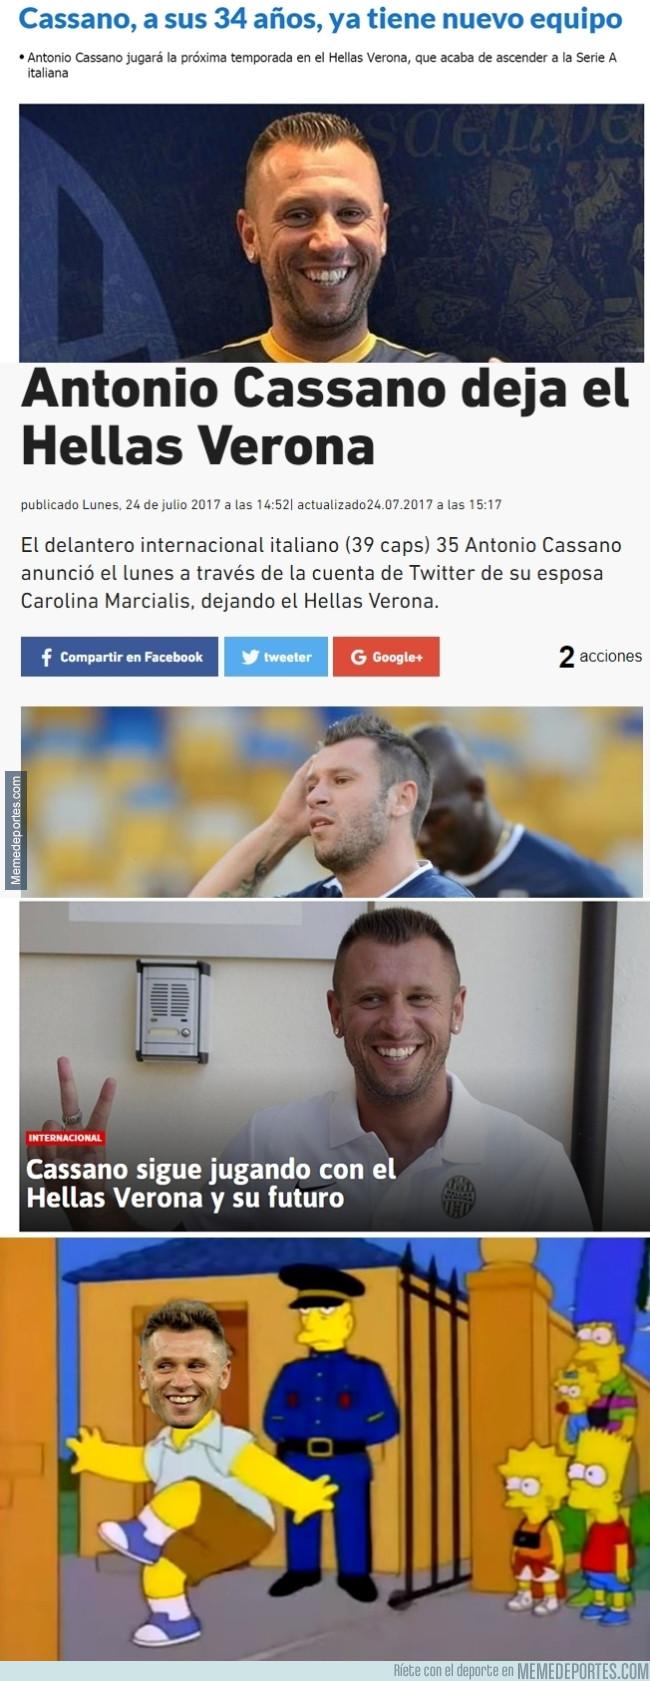 989133 - Cassano está peor de la cabeza que Neymar